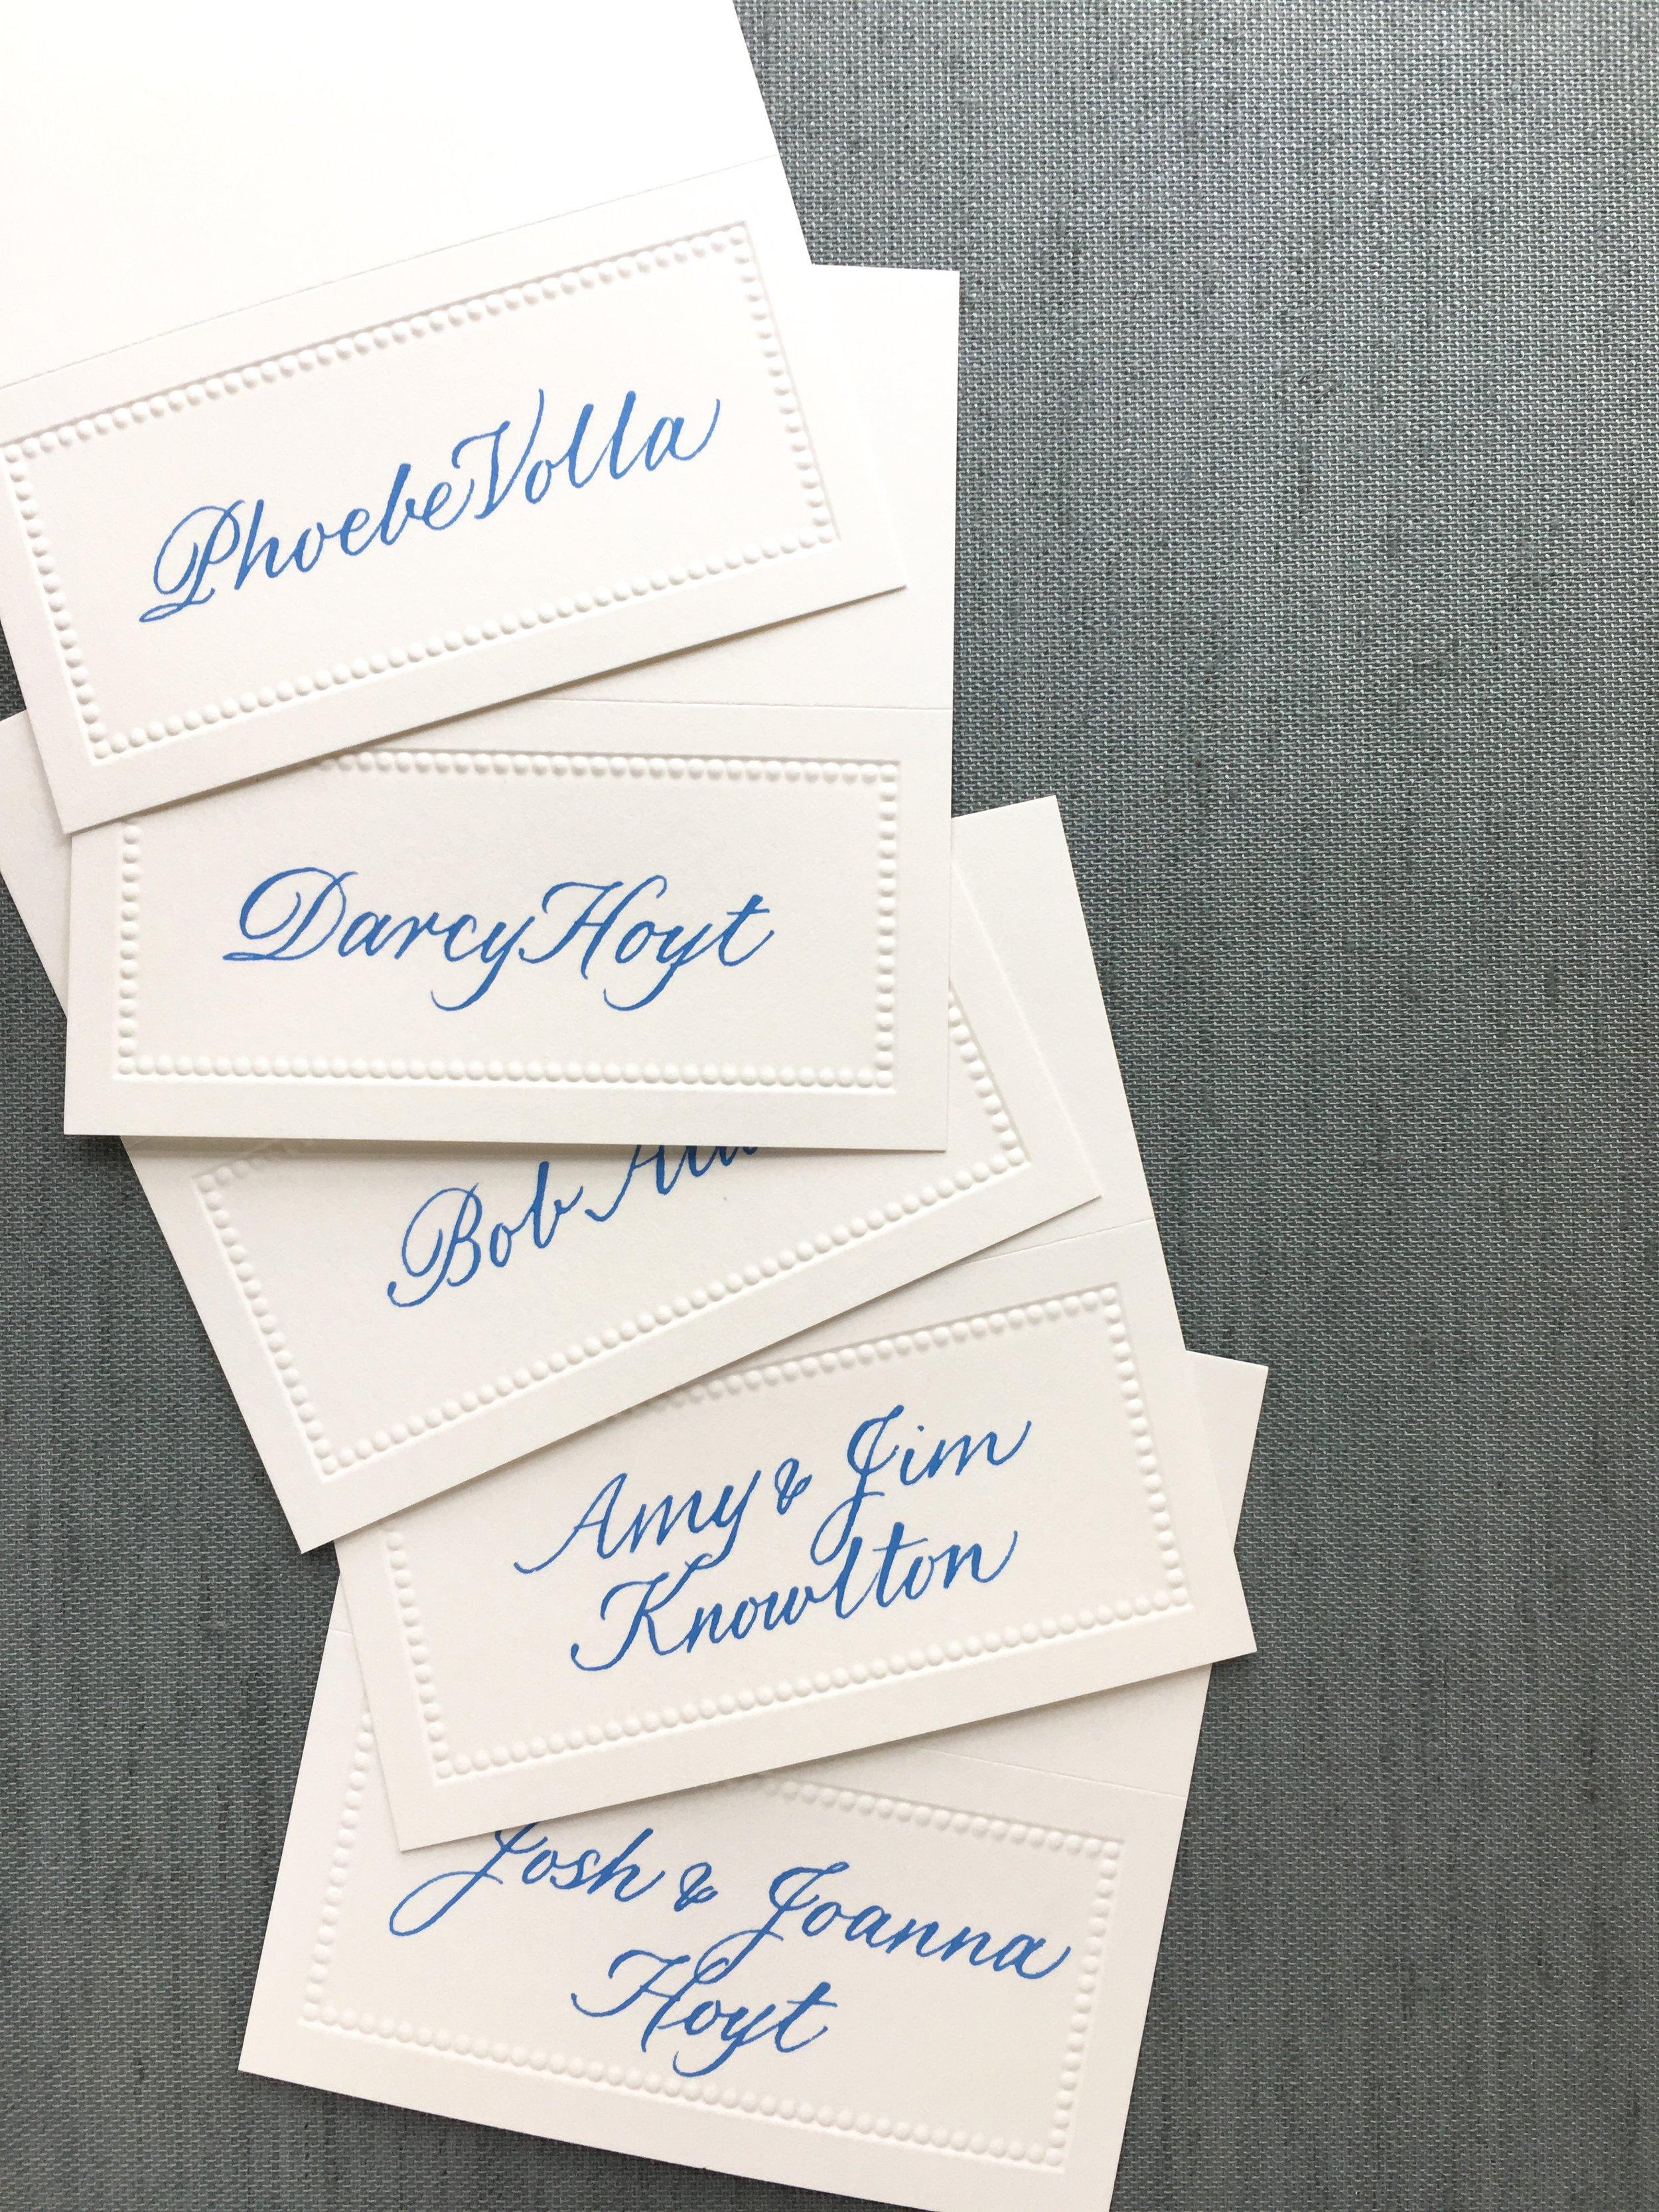 Hoyt escort cards.jpg